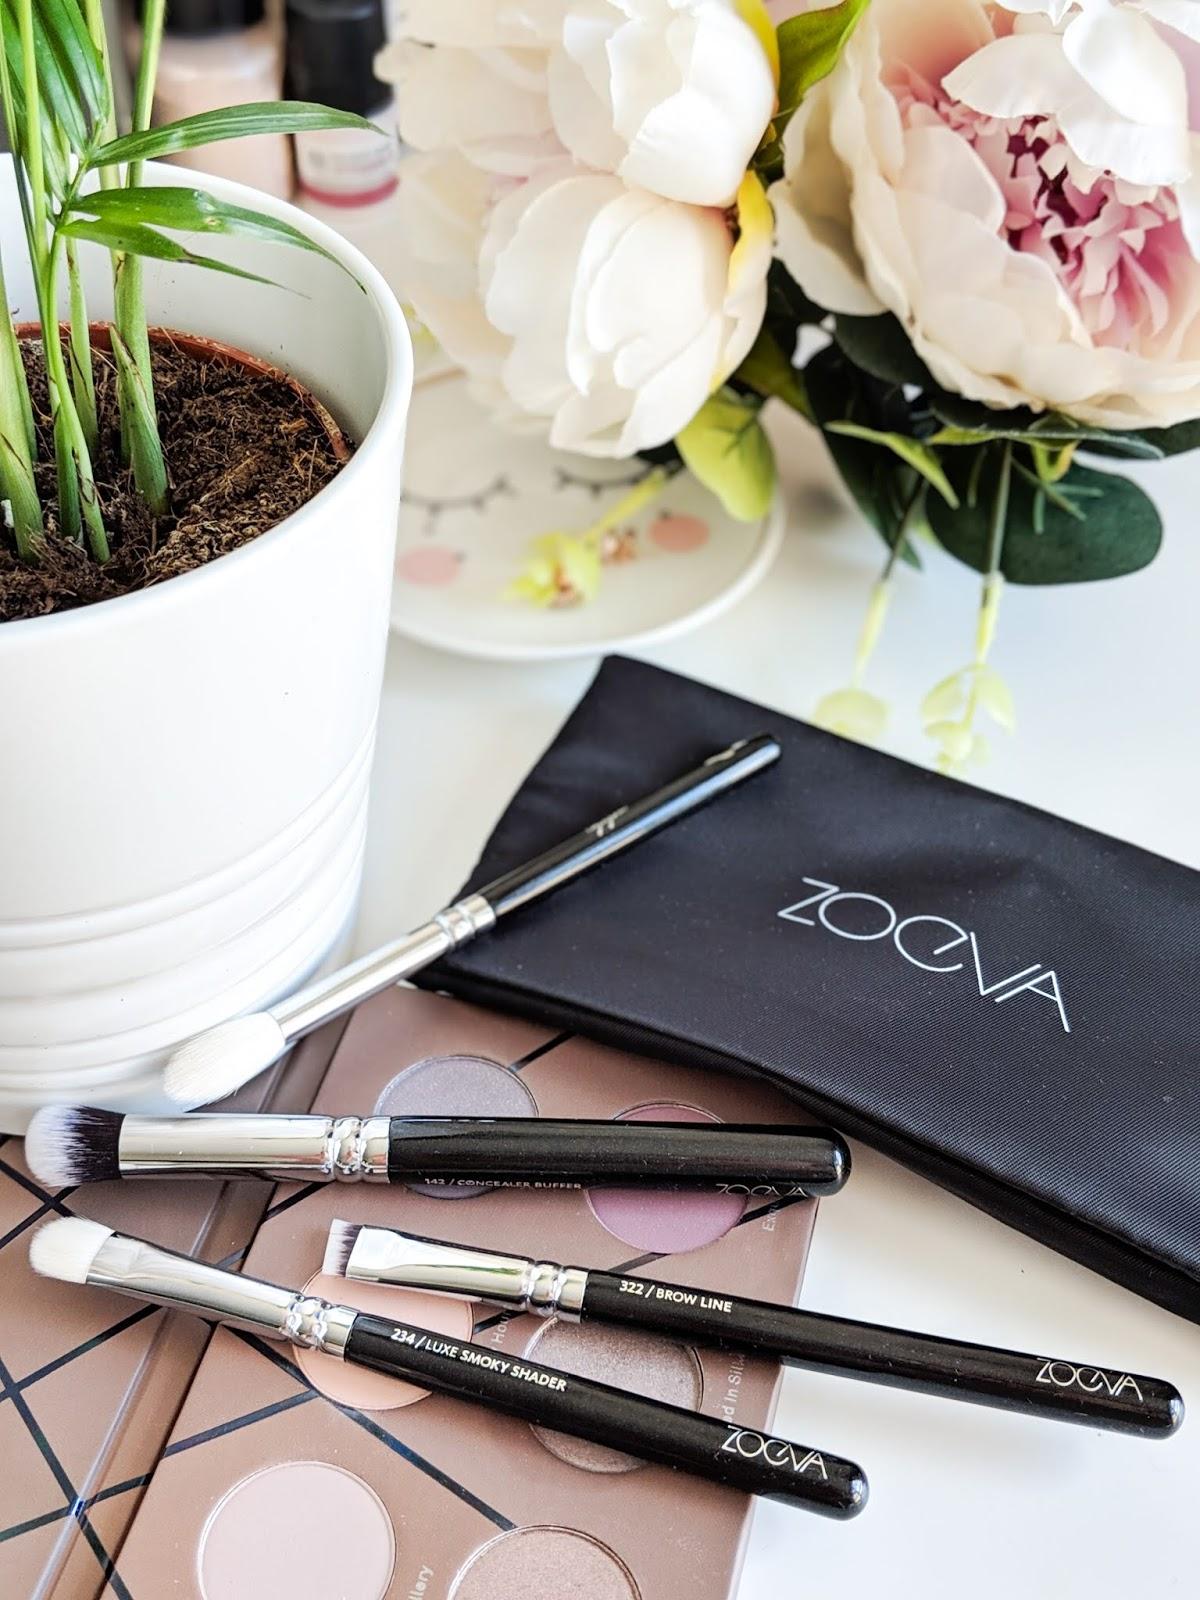 Zoeva-voyager-travel-brush-set